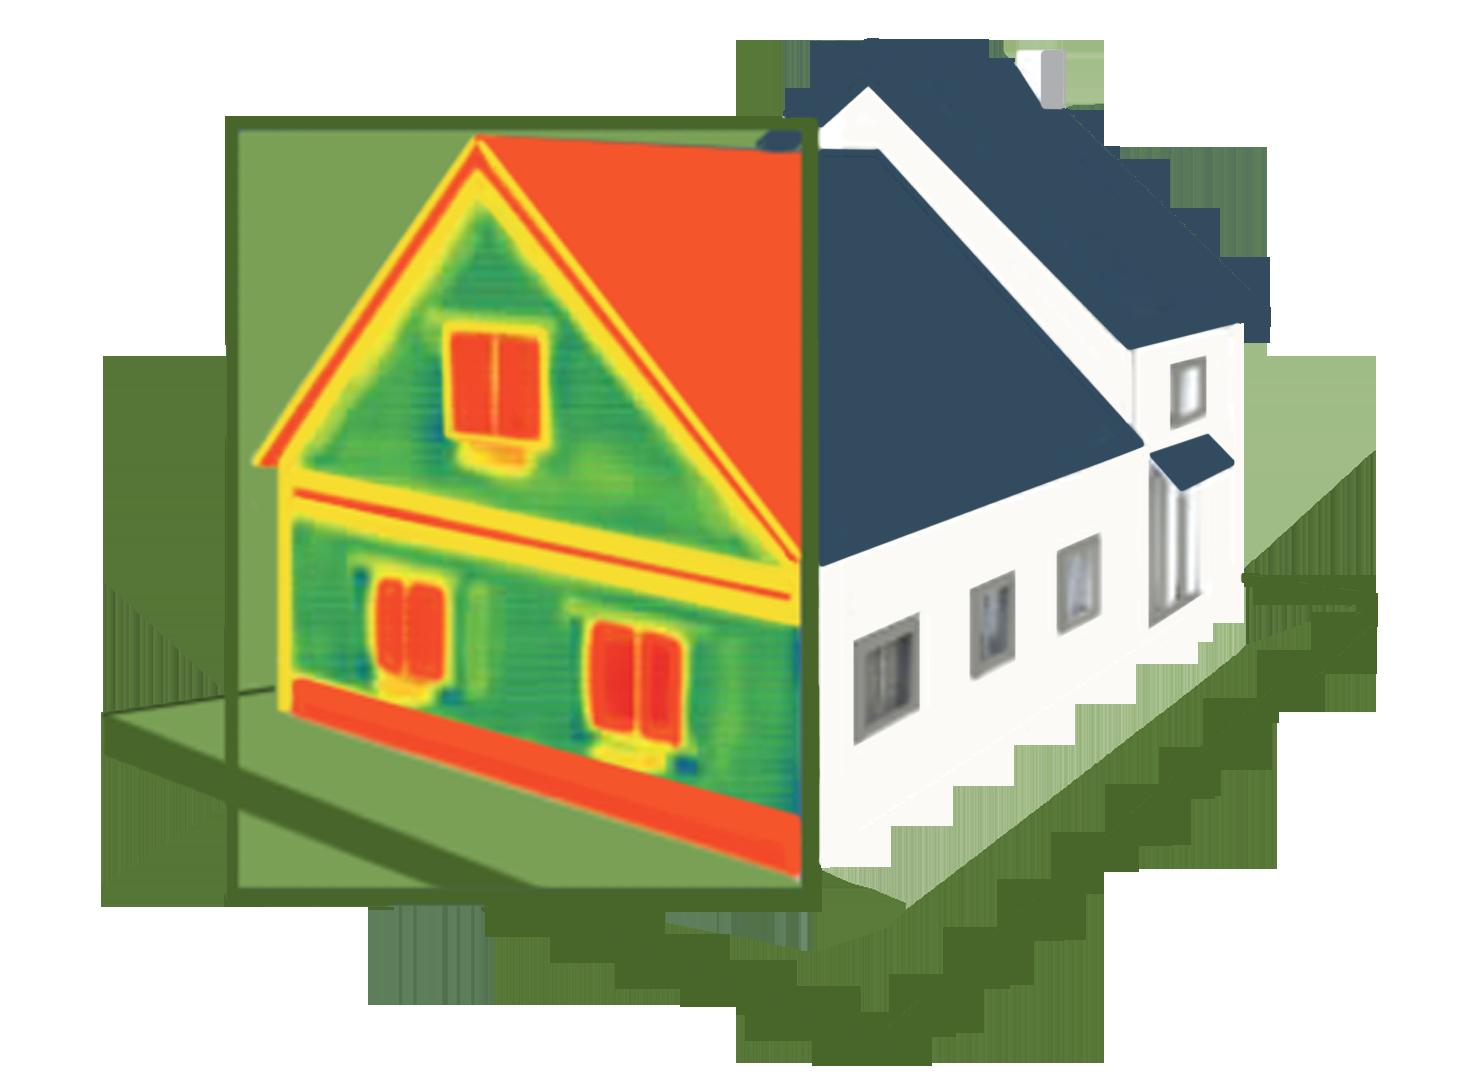 A la poursuite de la chaleur perdue : Une maison avec un effet caméra thermique